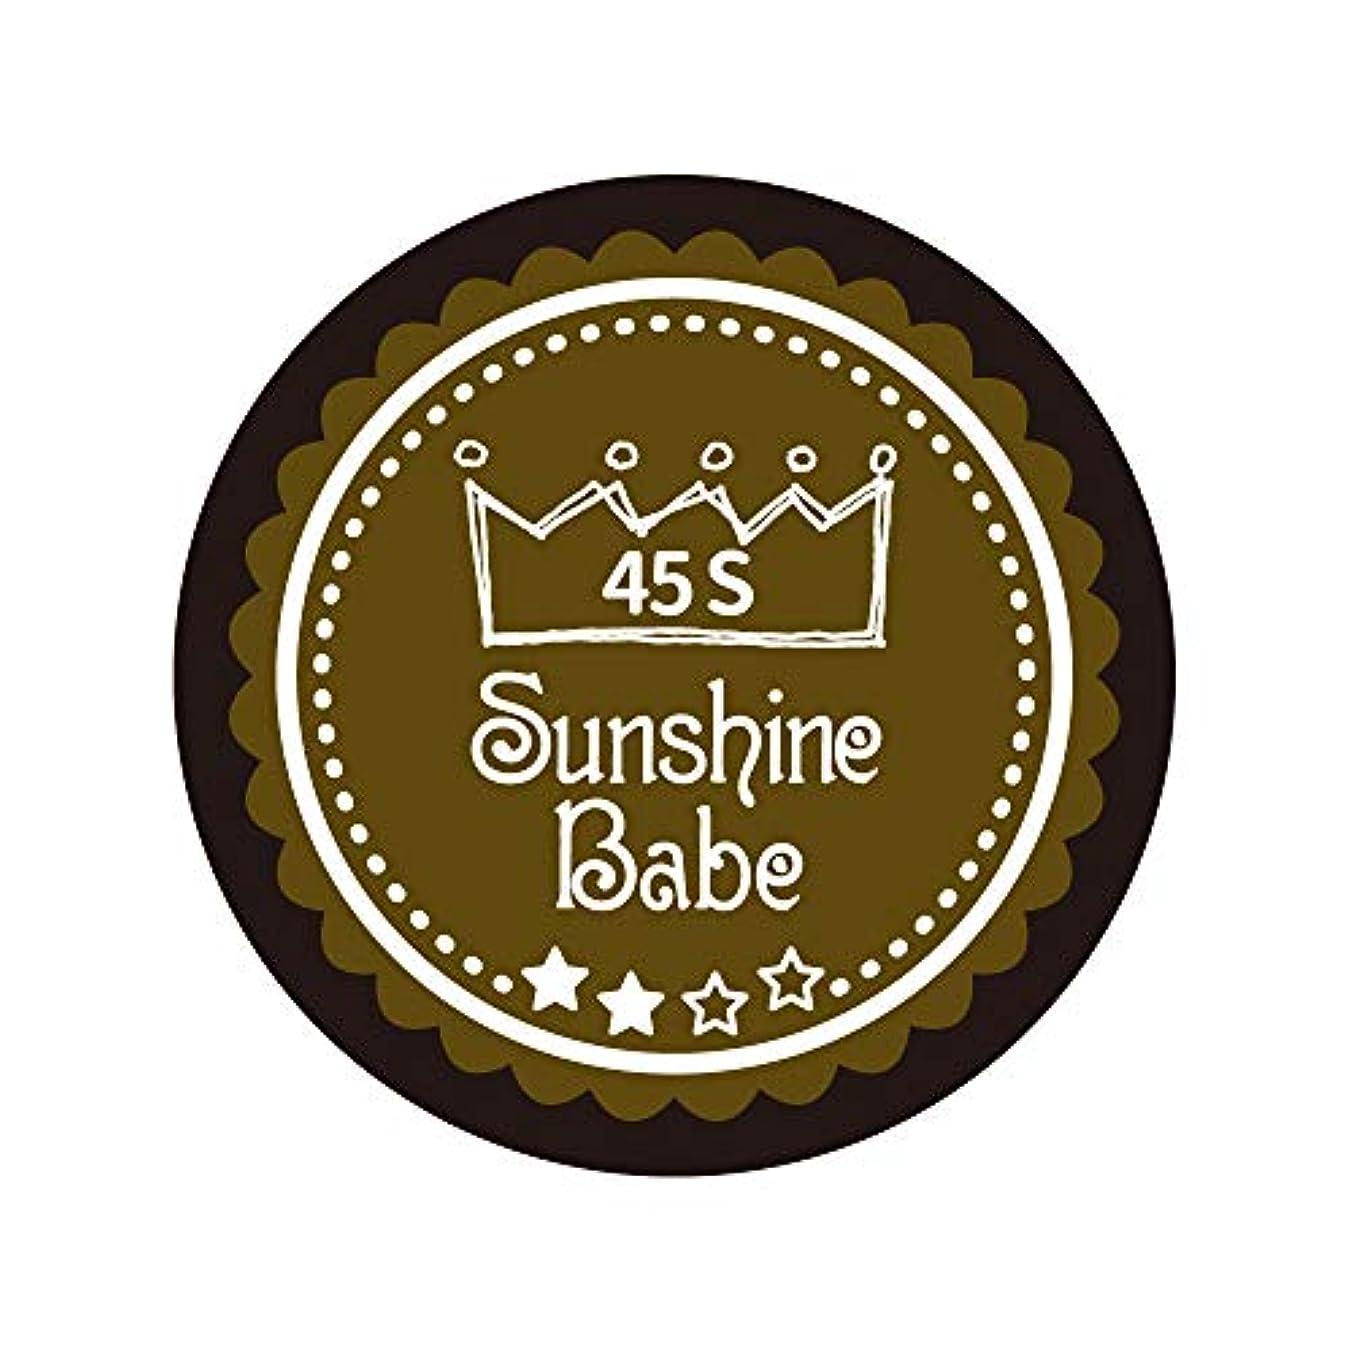 資本主義状態詳細にSunshine Babe カラージェル 45S マティーニオリーブ 4g UV/LED対応